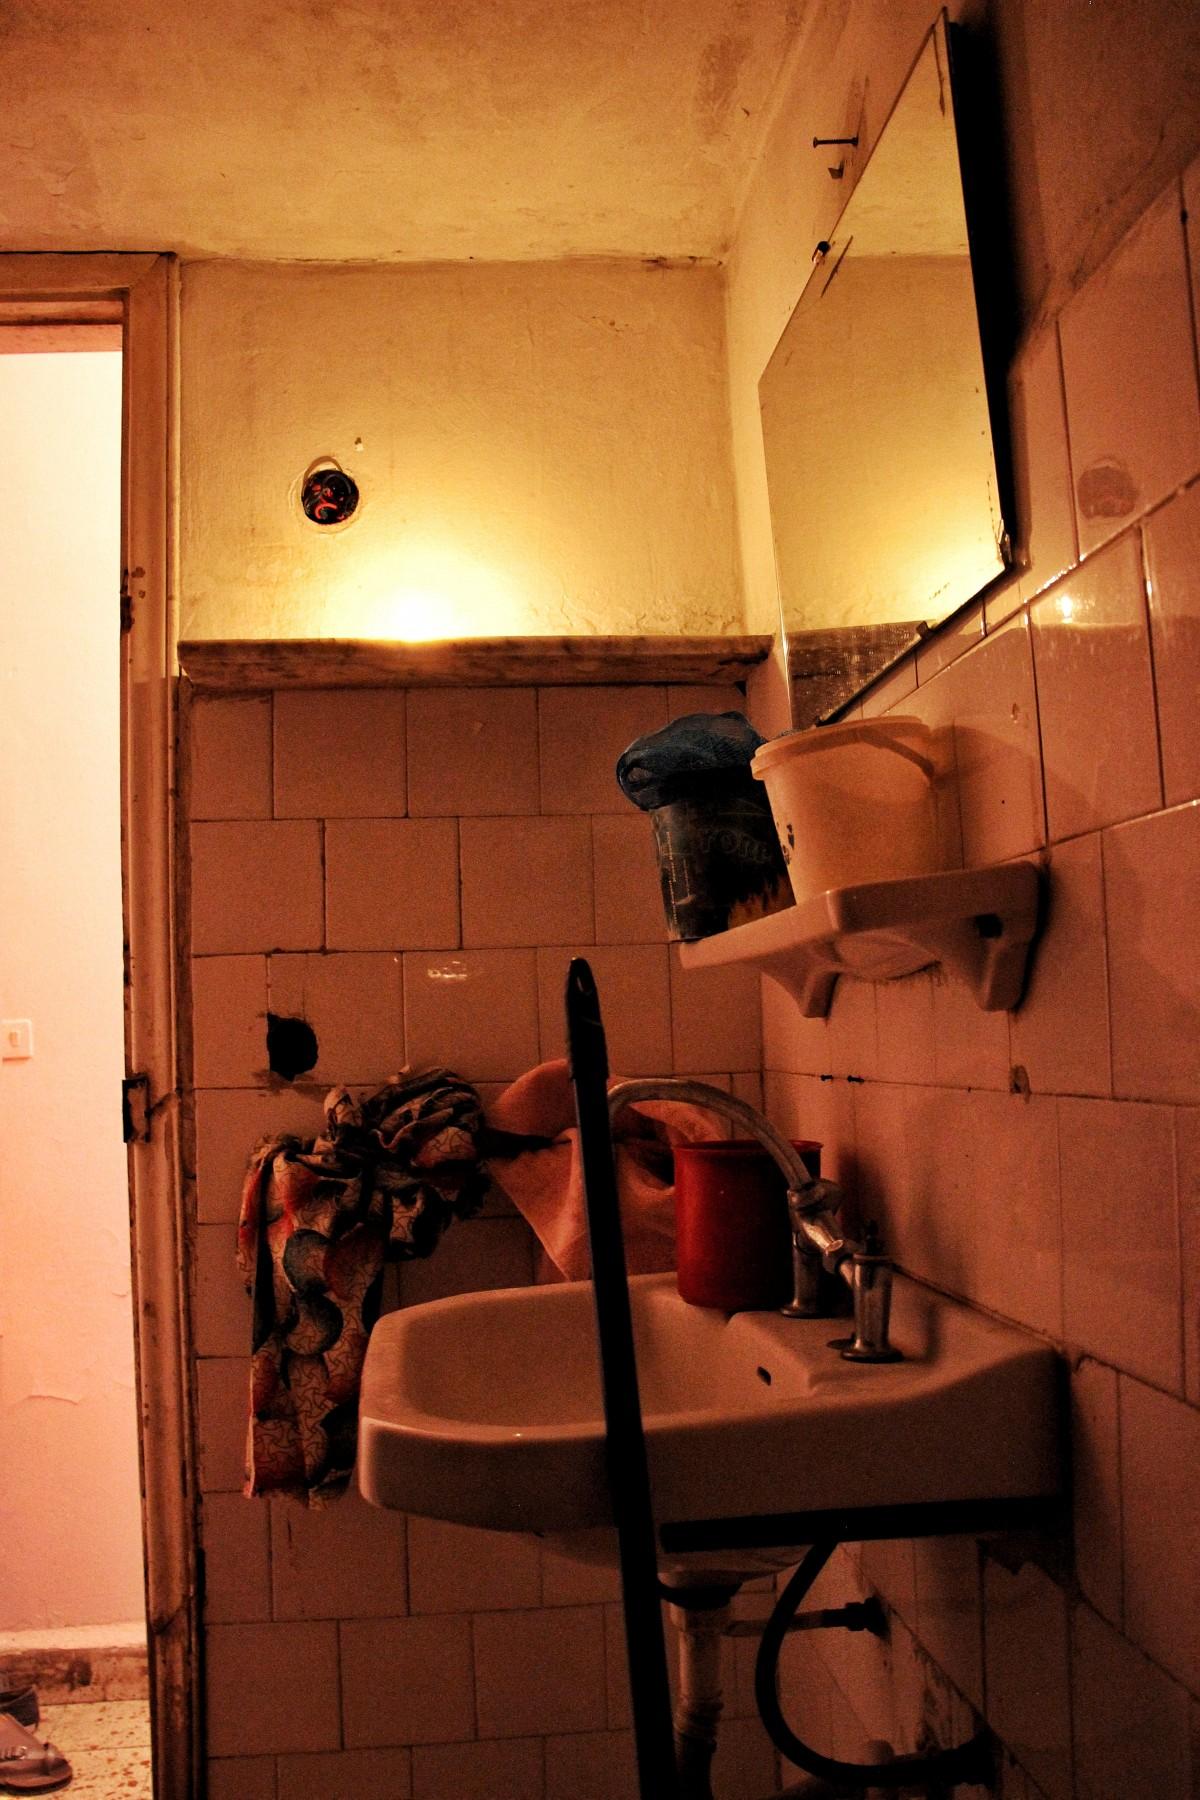 Dans les appartements des travailleuses domestiques II, salle de bain éclairée à la bougie